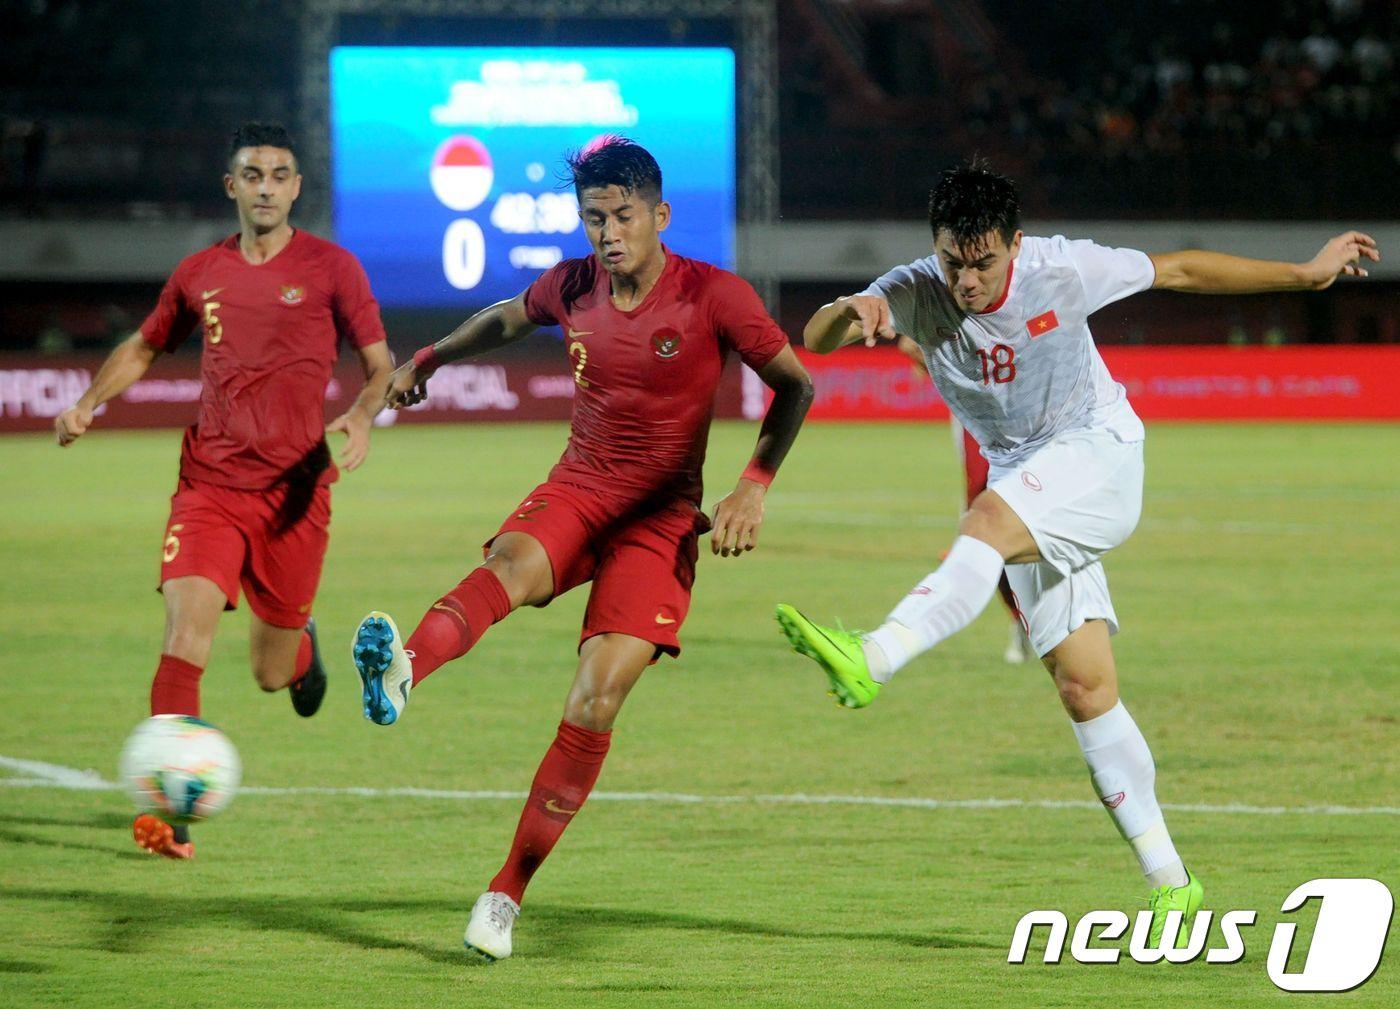 박항서의 베트남, 인도네시아 원정서 3-1 완승…WC 예선 2연승